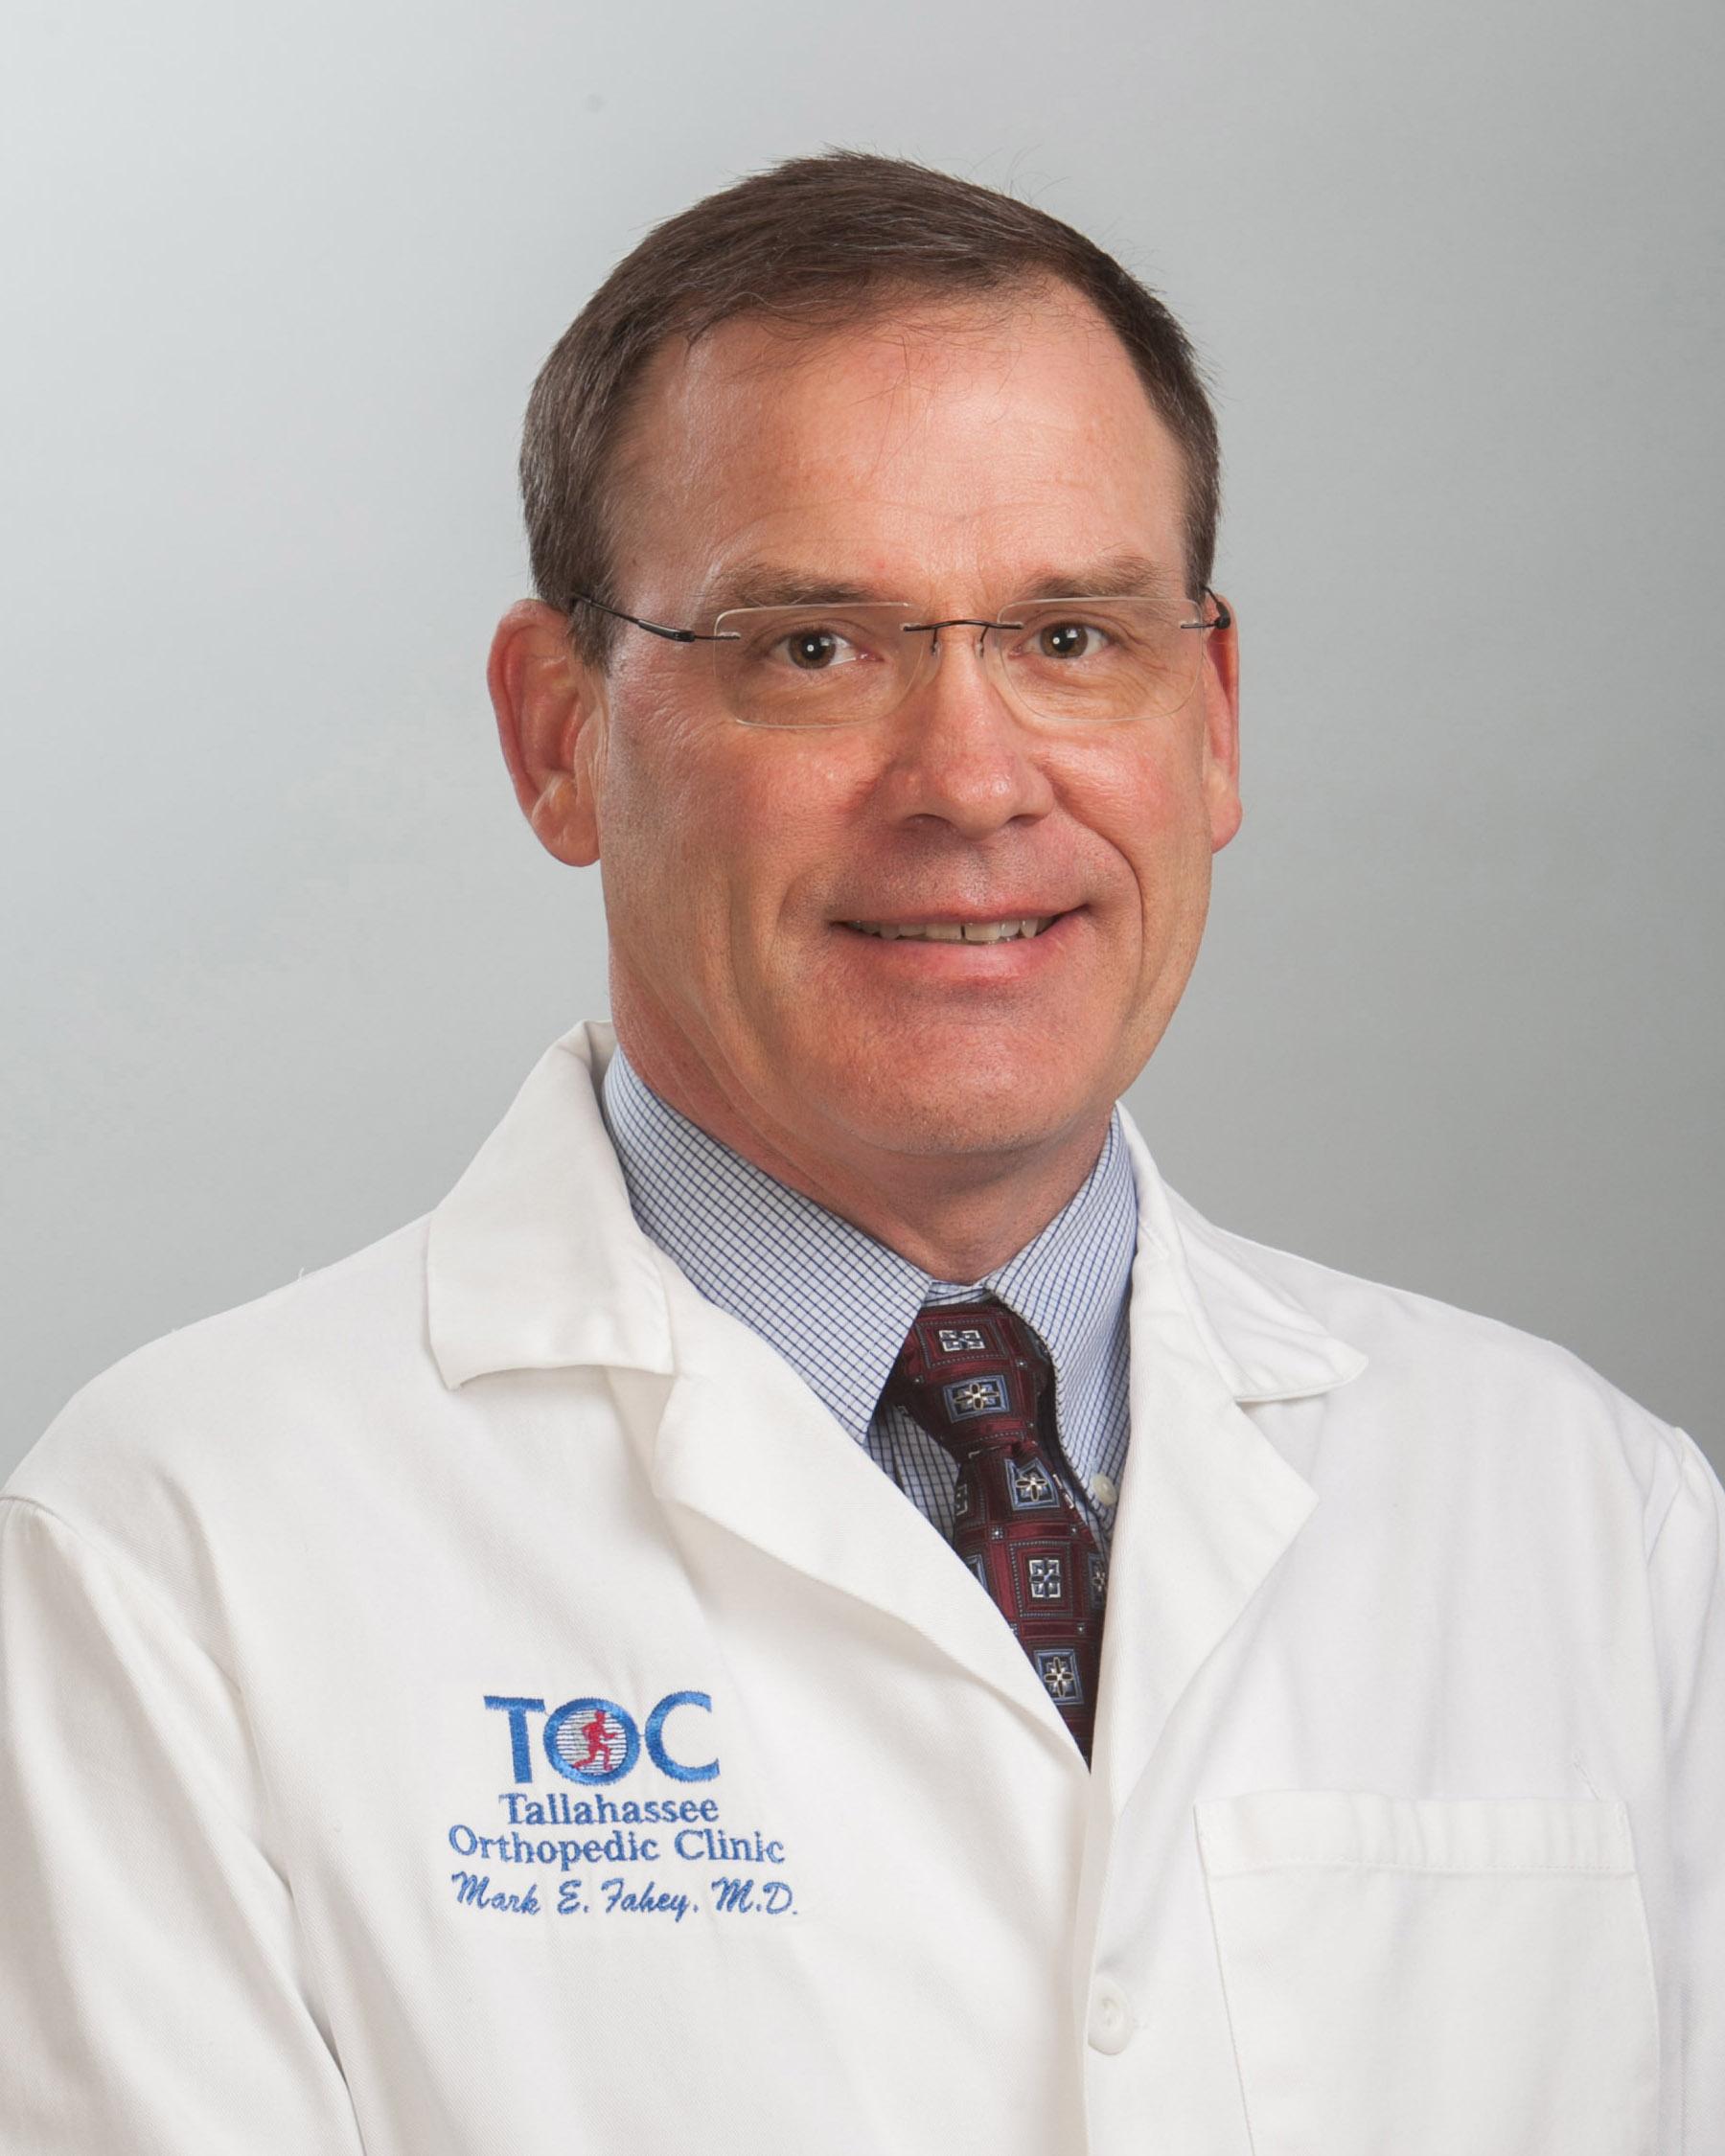 Mark E. Fahey, MD